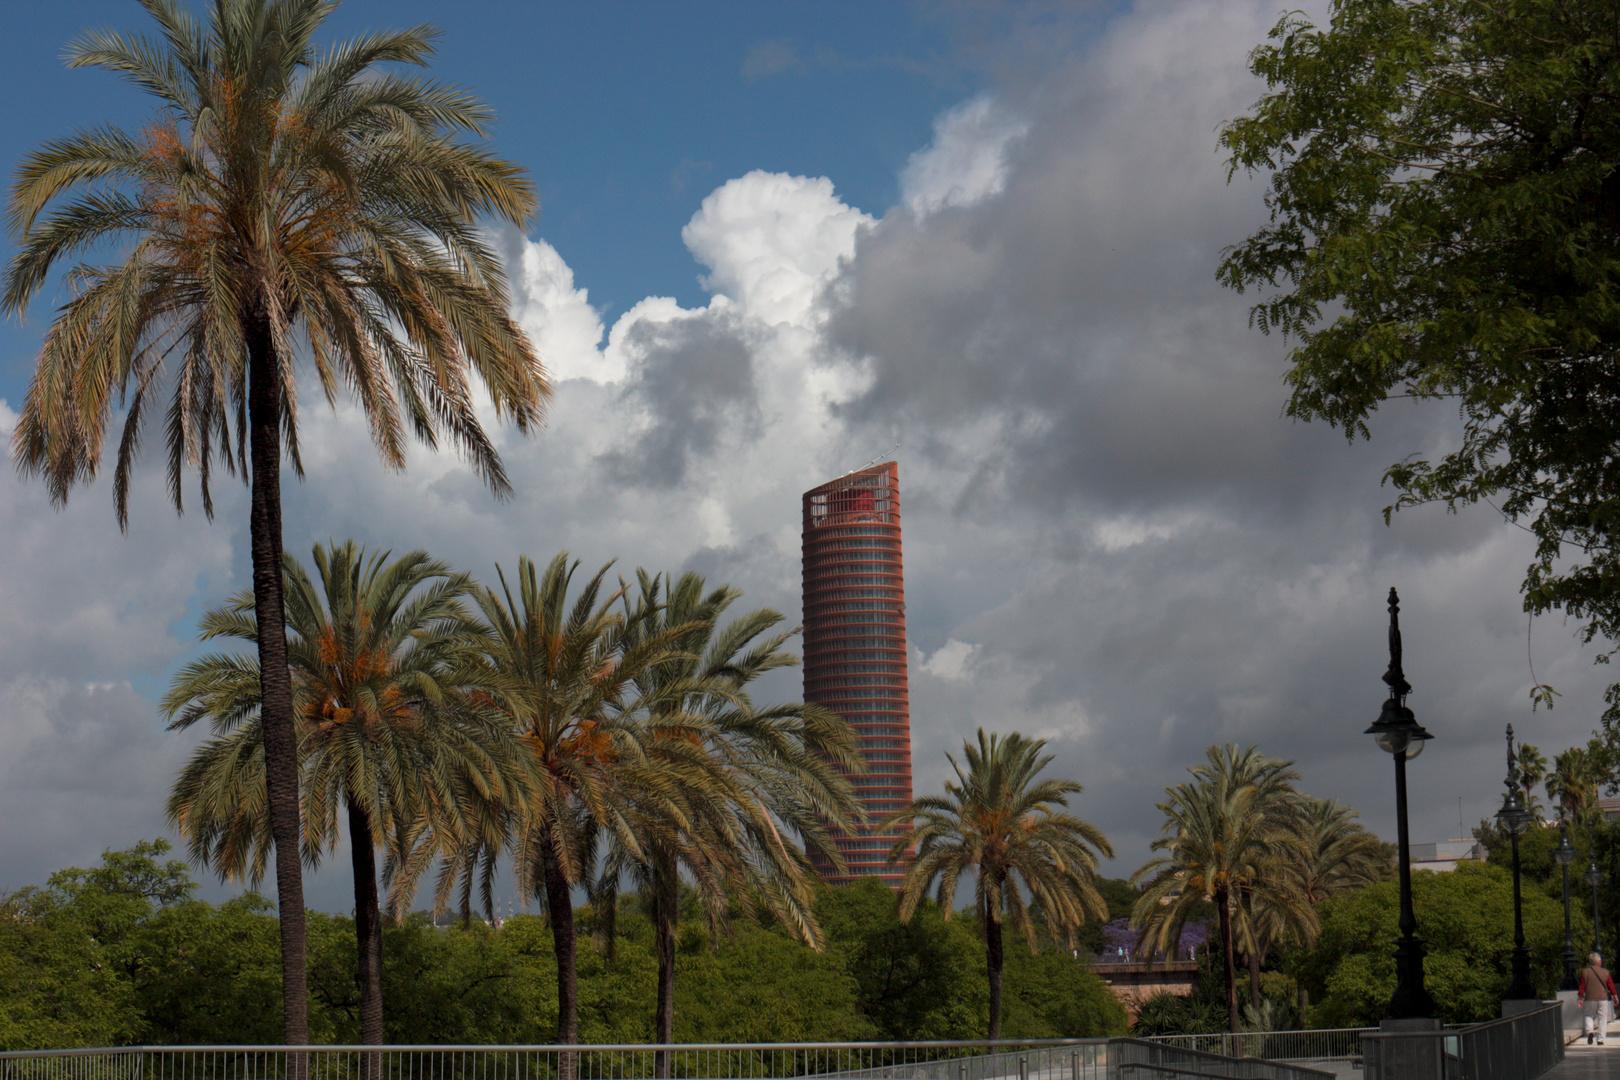 torre Pelli y palmeras